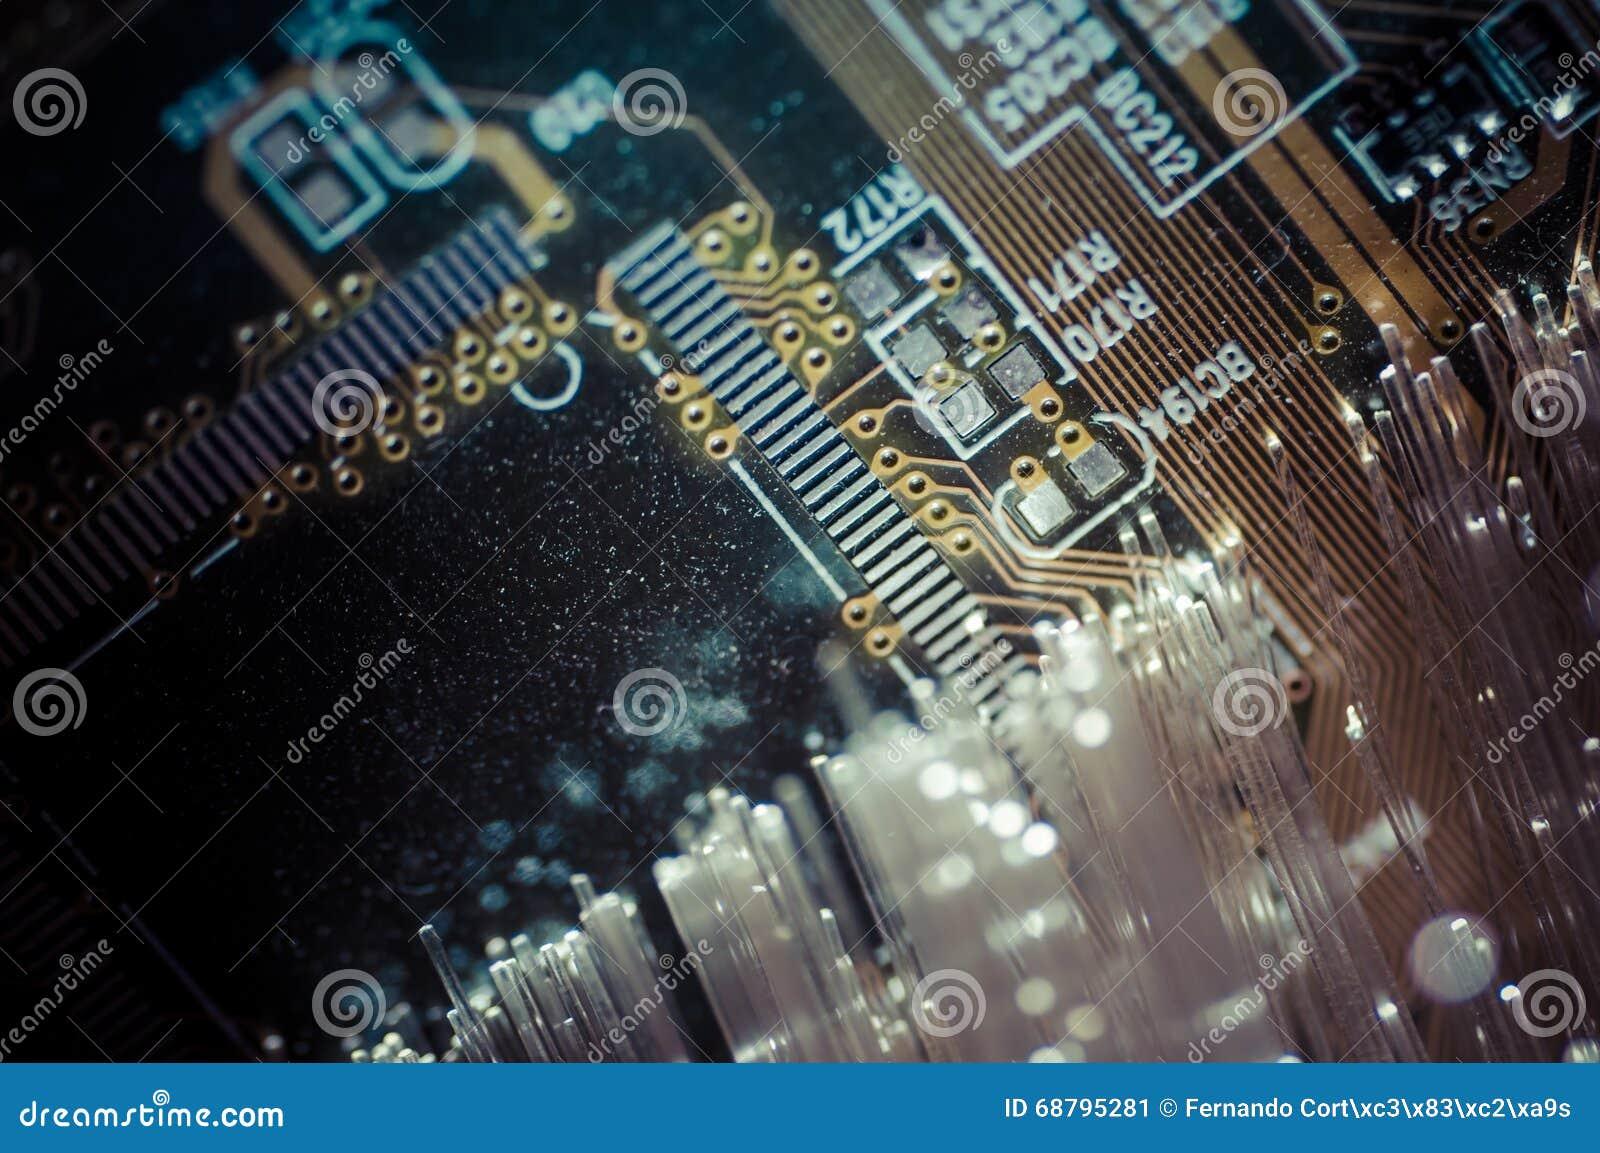 Connectivityfiber Optic Cables Fibre Connection Telecomunicat Fiber Optics Integrated Circuits Images Of